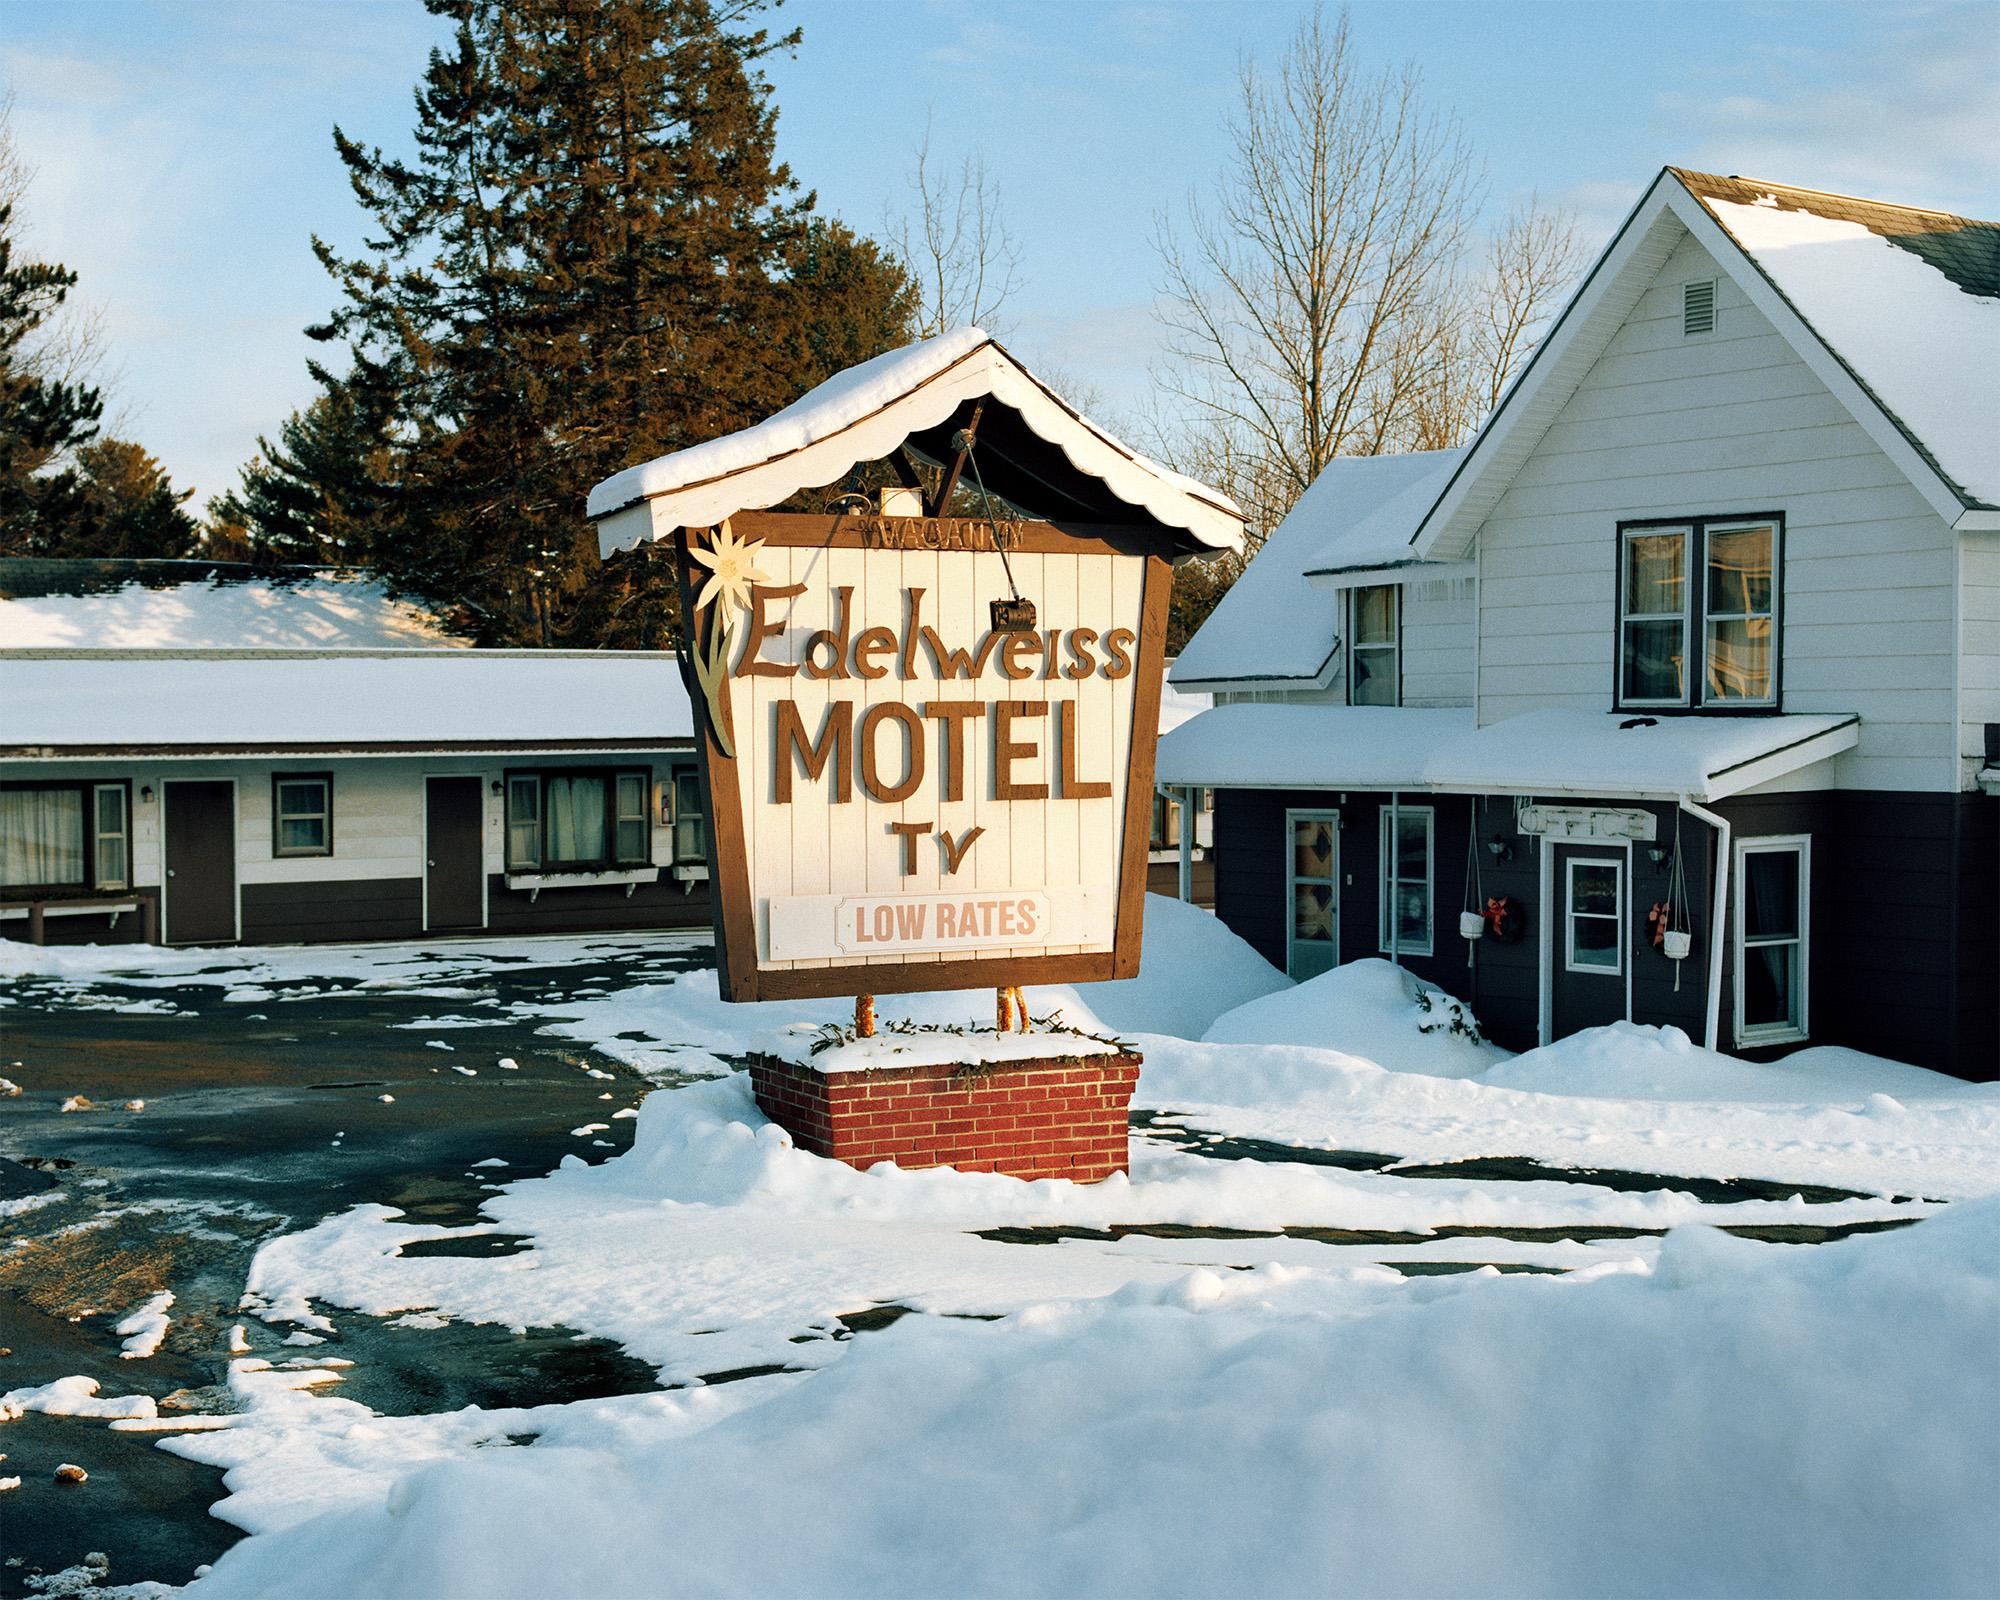 Miska_Draskoczy_Edelweiss_Motel_2000.jpg